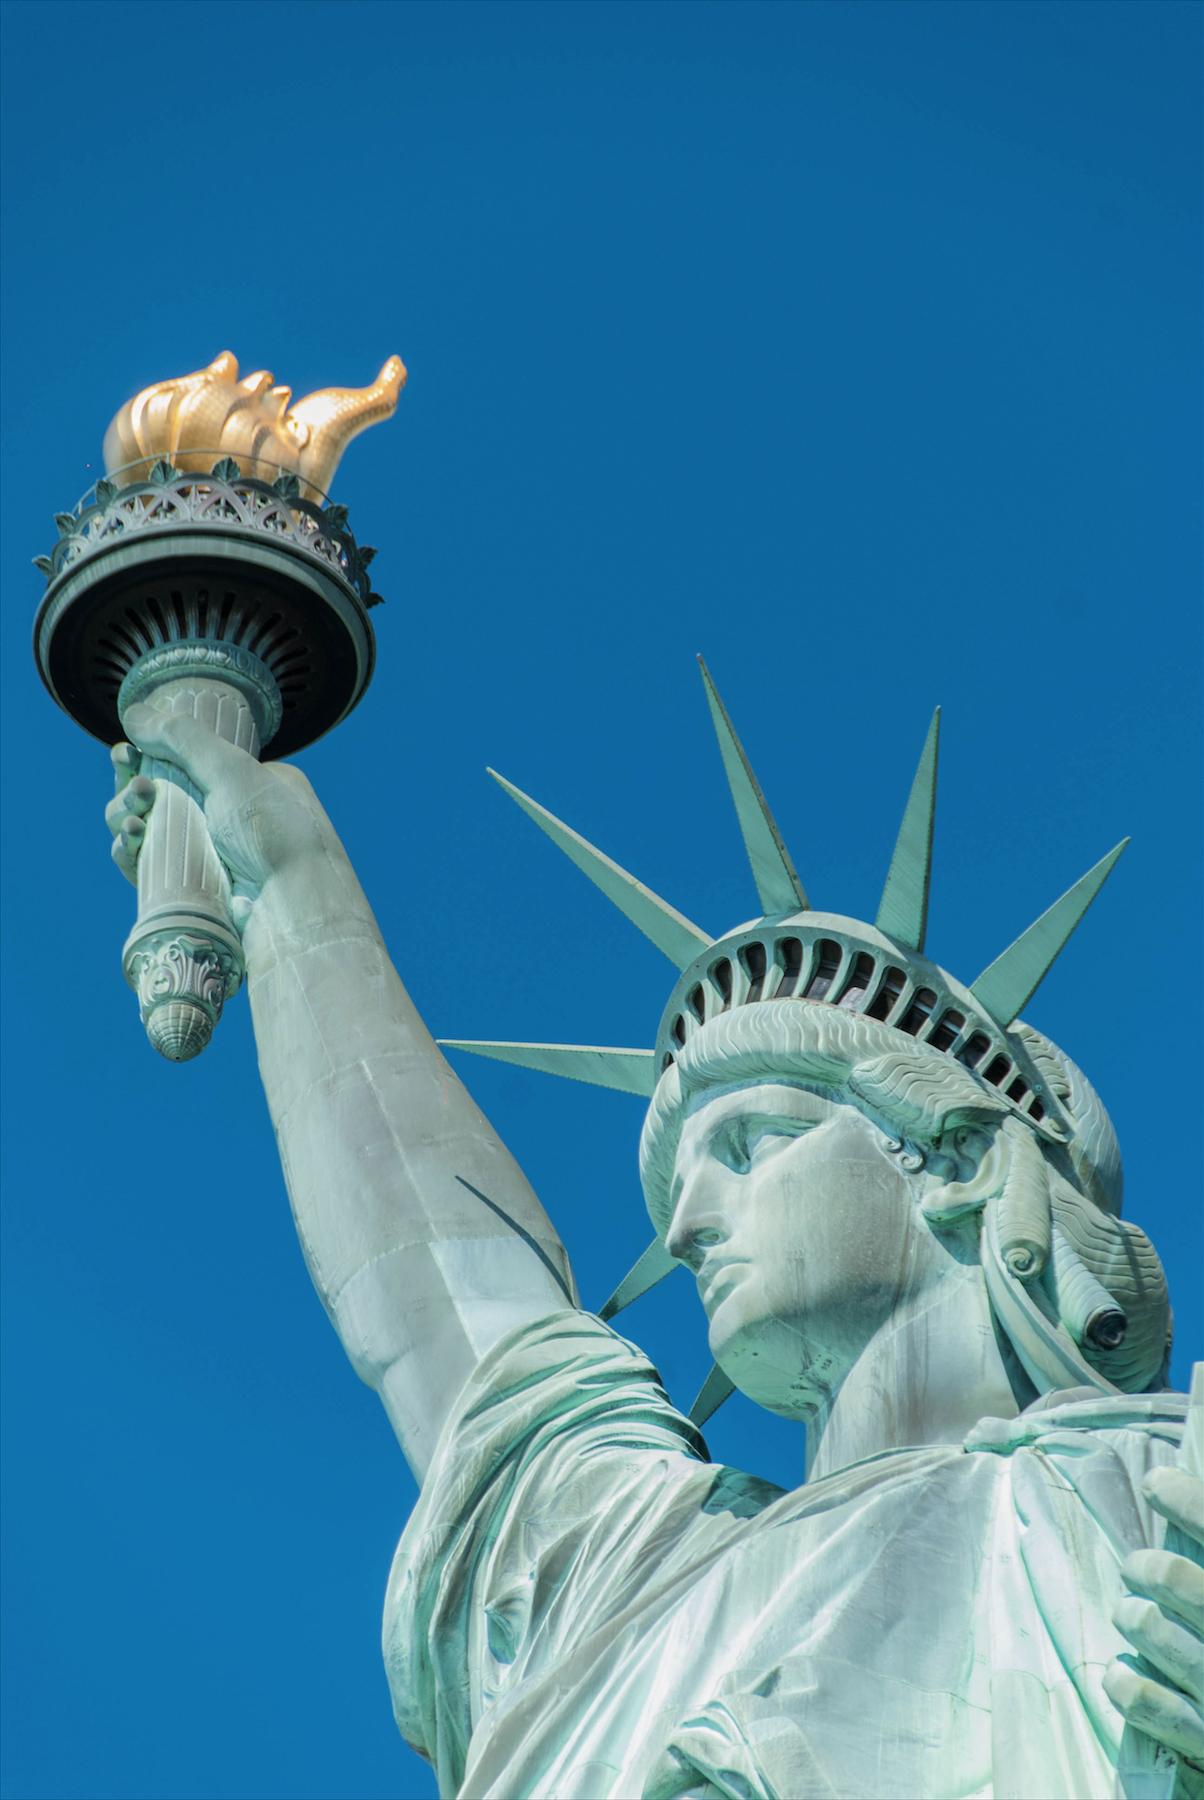 Статуя Свободы Нью-Йорк.jpg